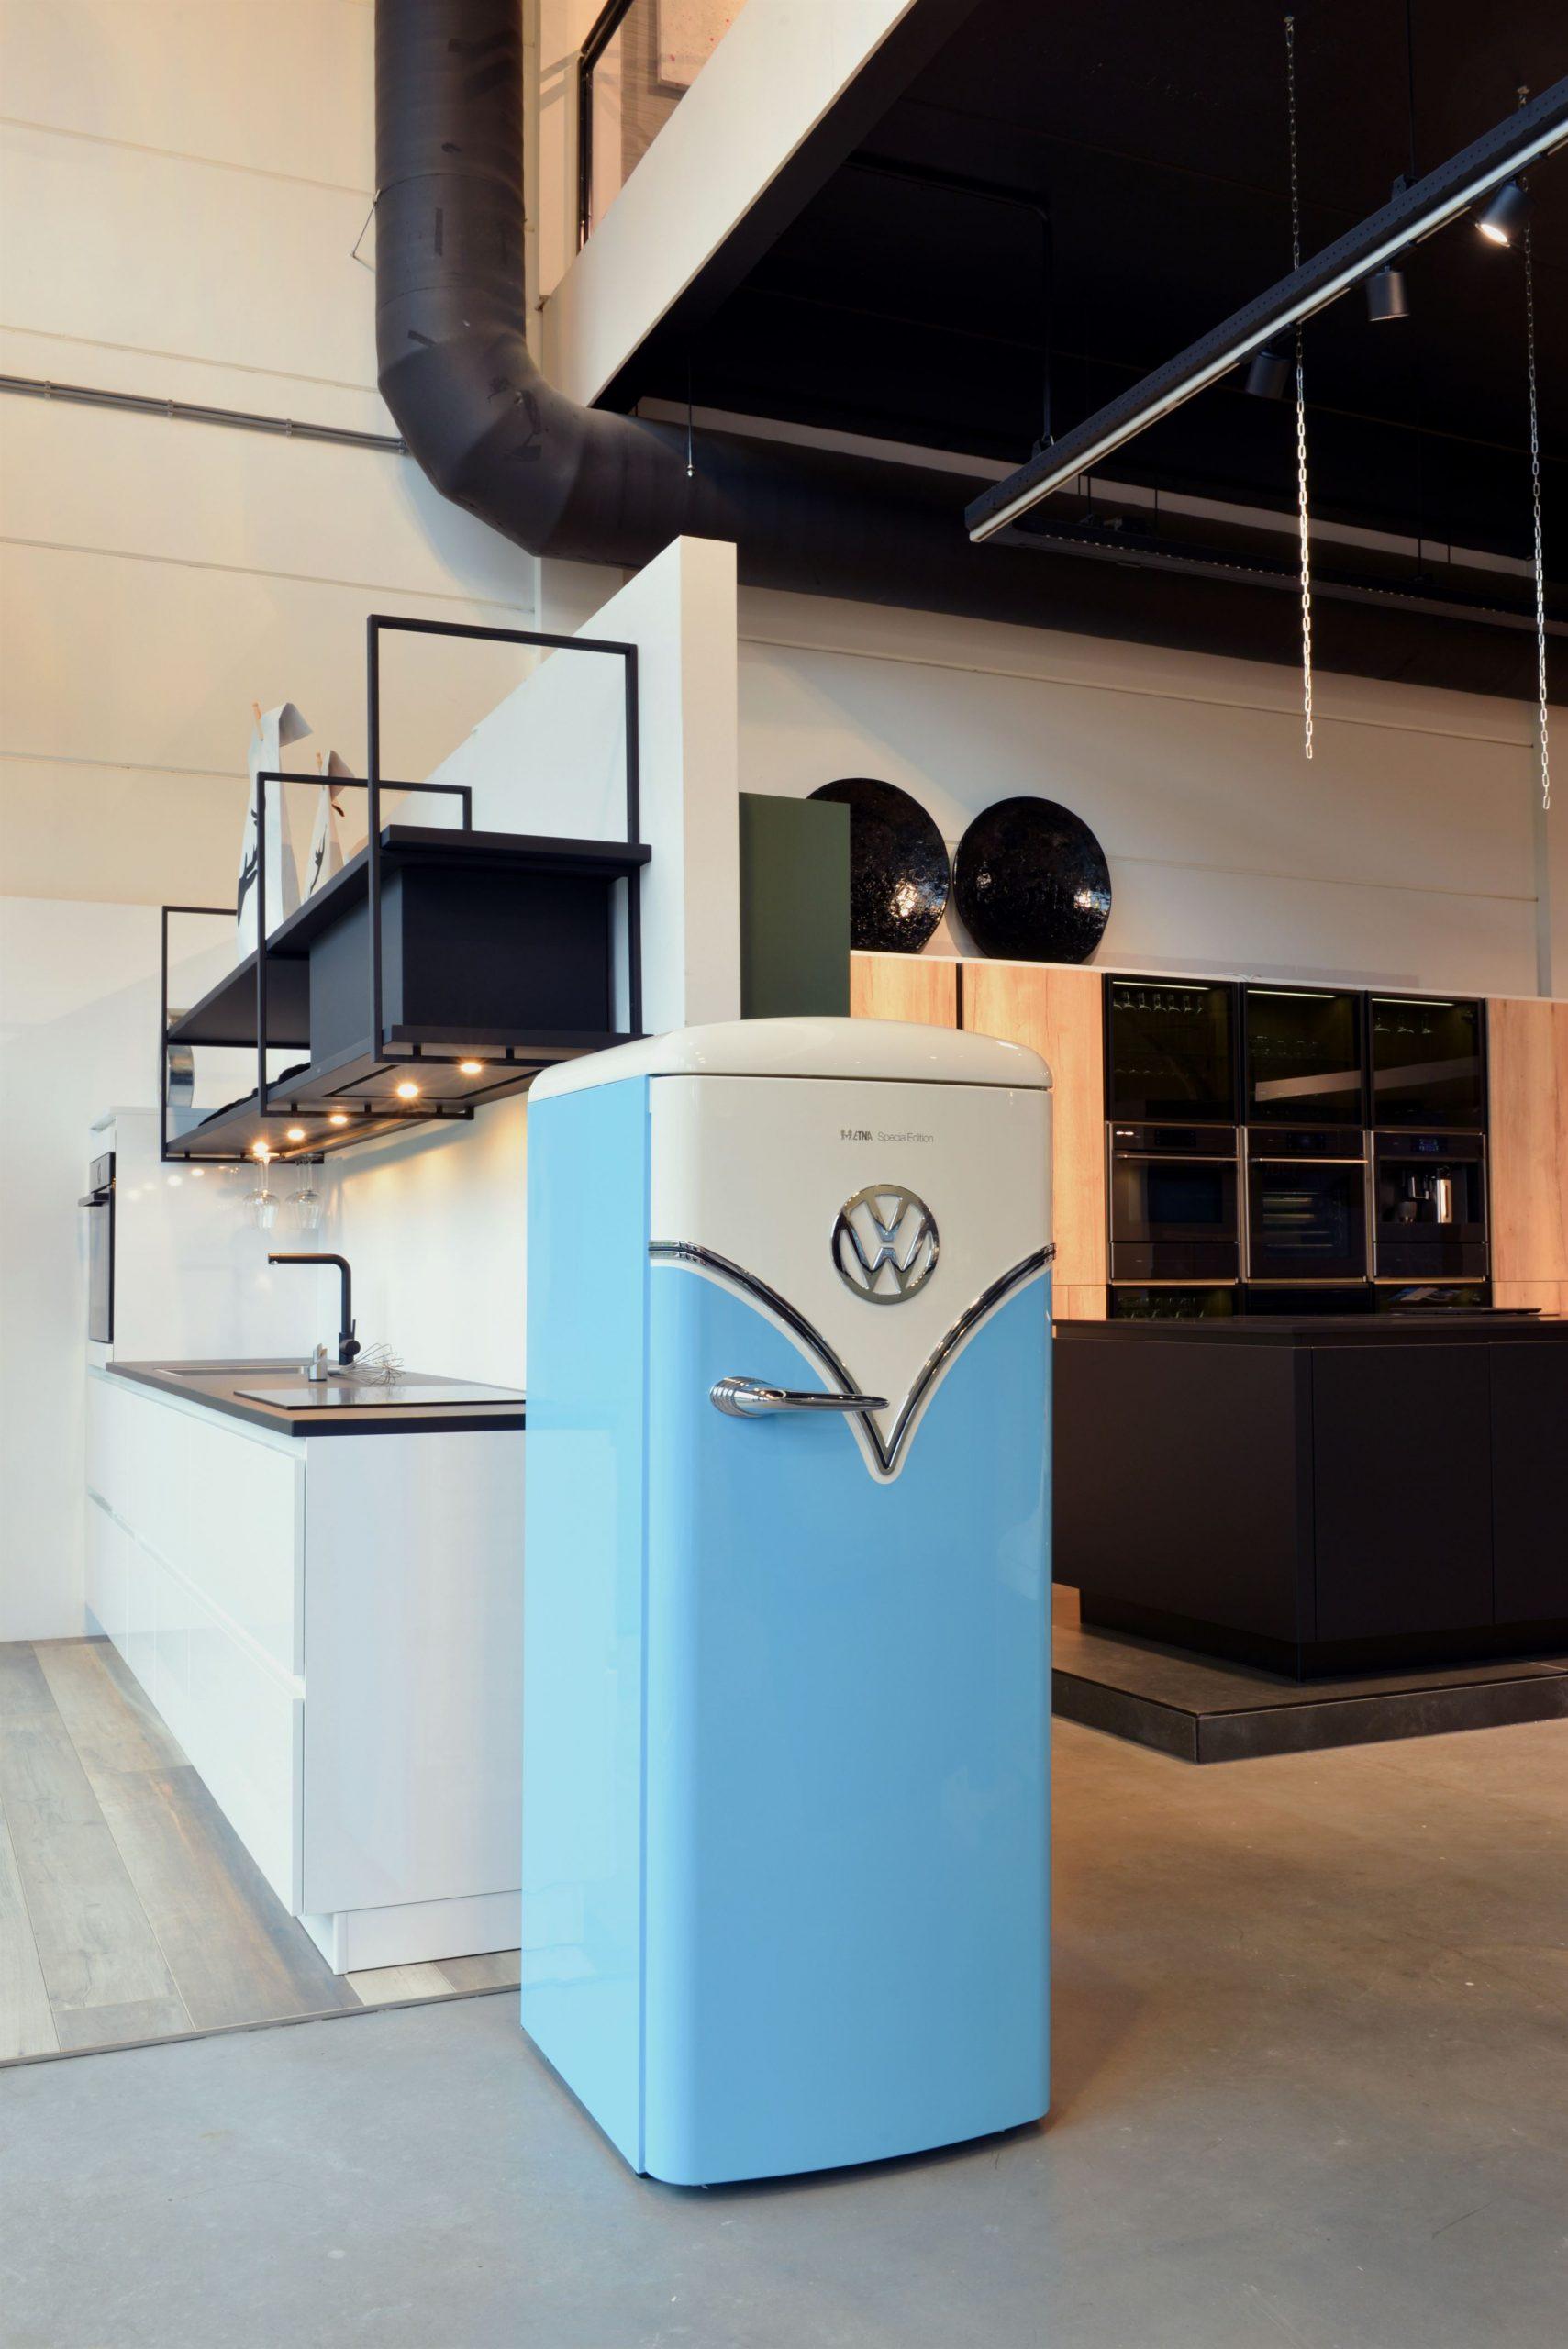 Koelkast Etna retro volkswagen Veox Keukens